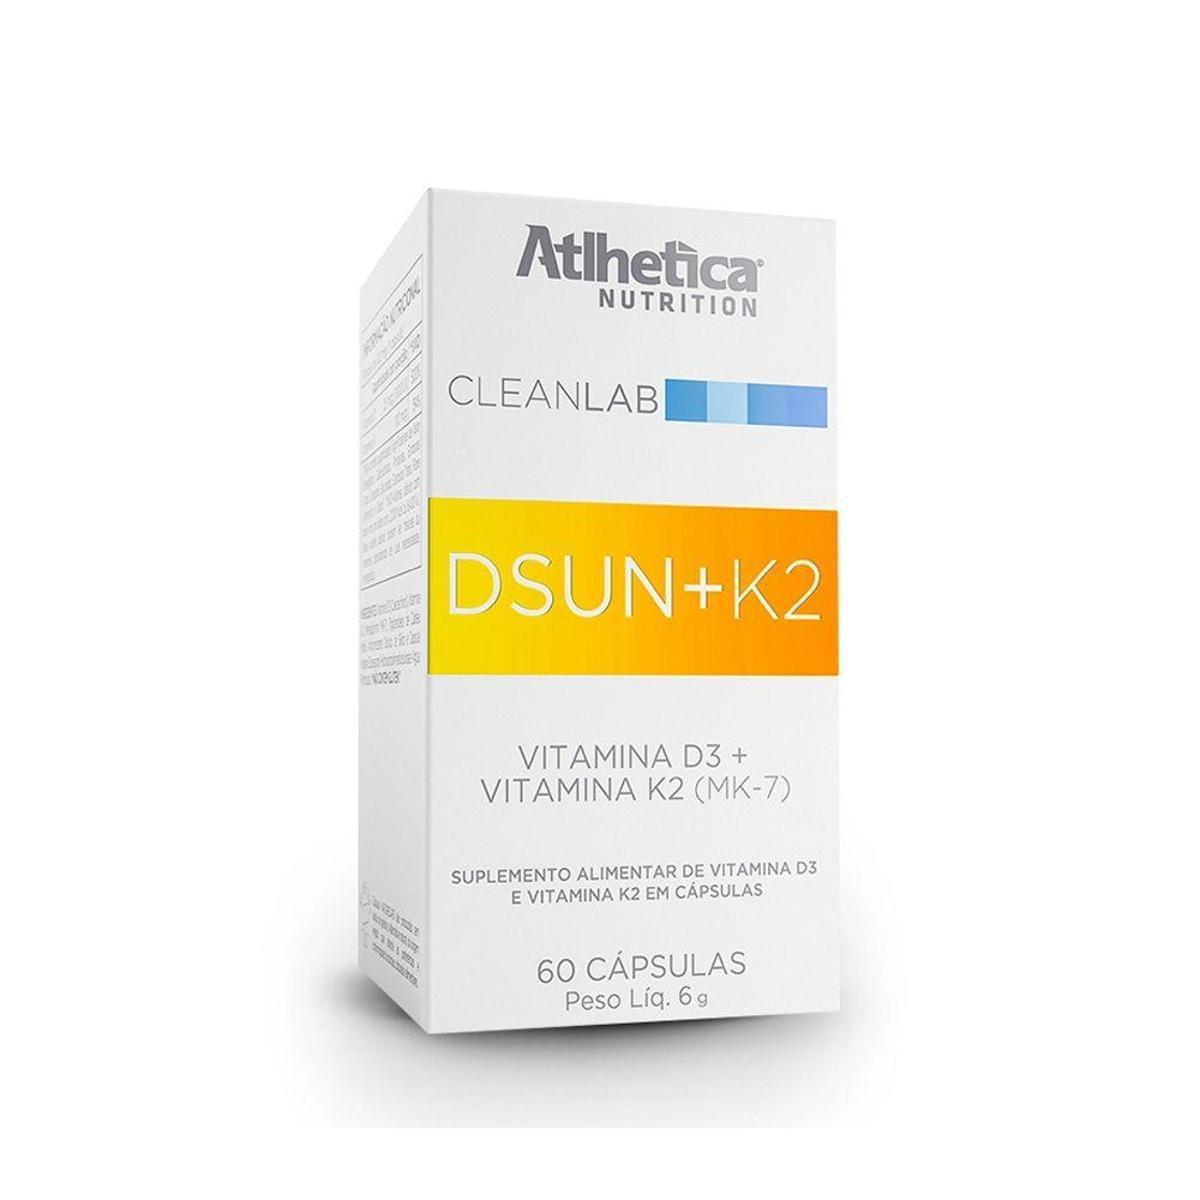 CleanLab DSun + K2